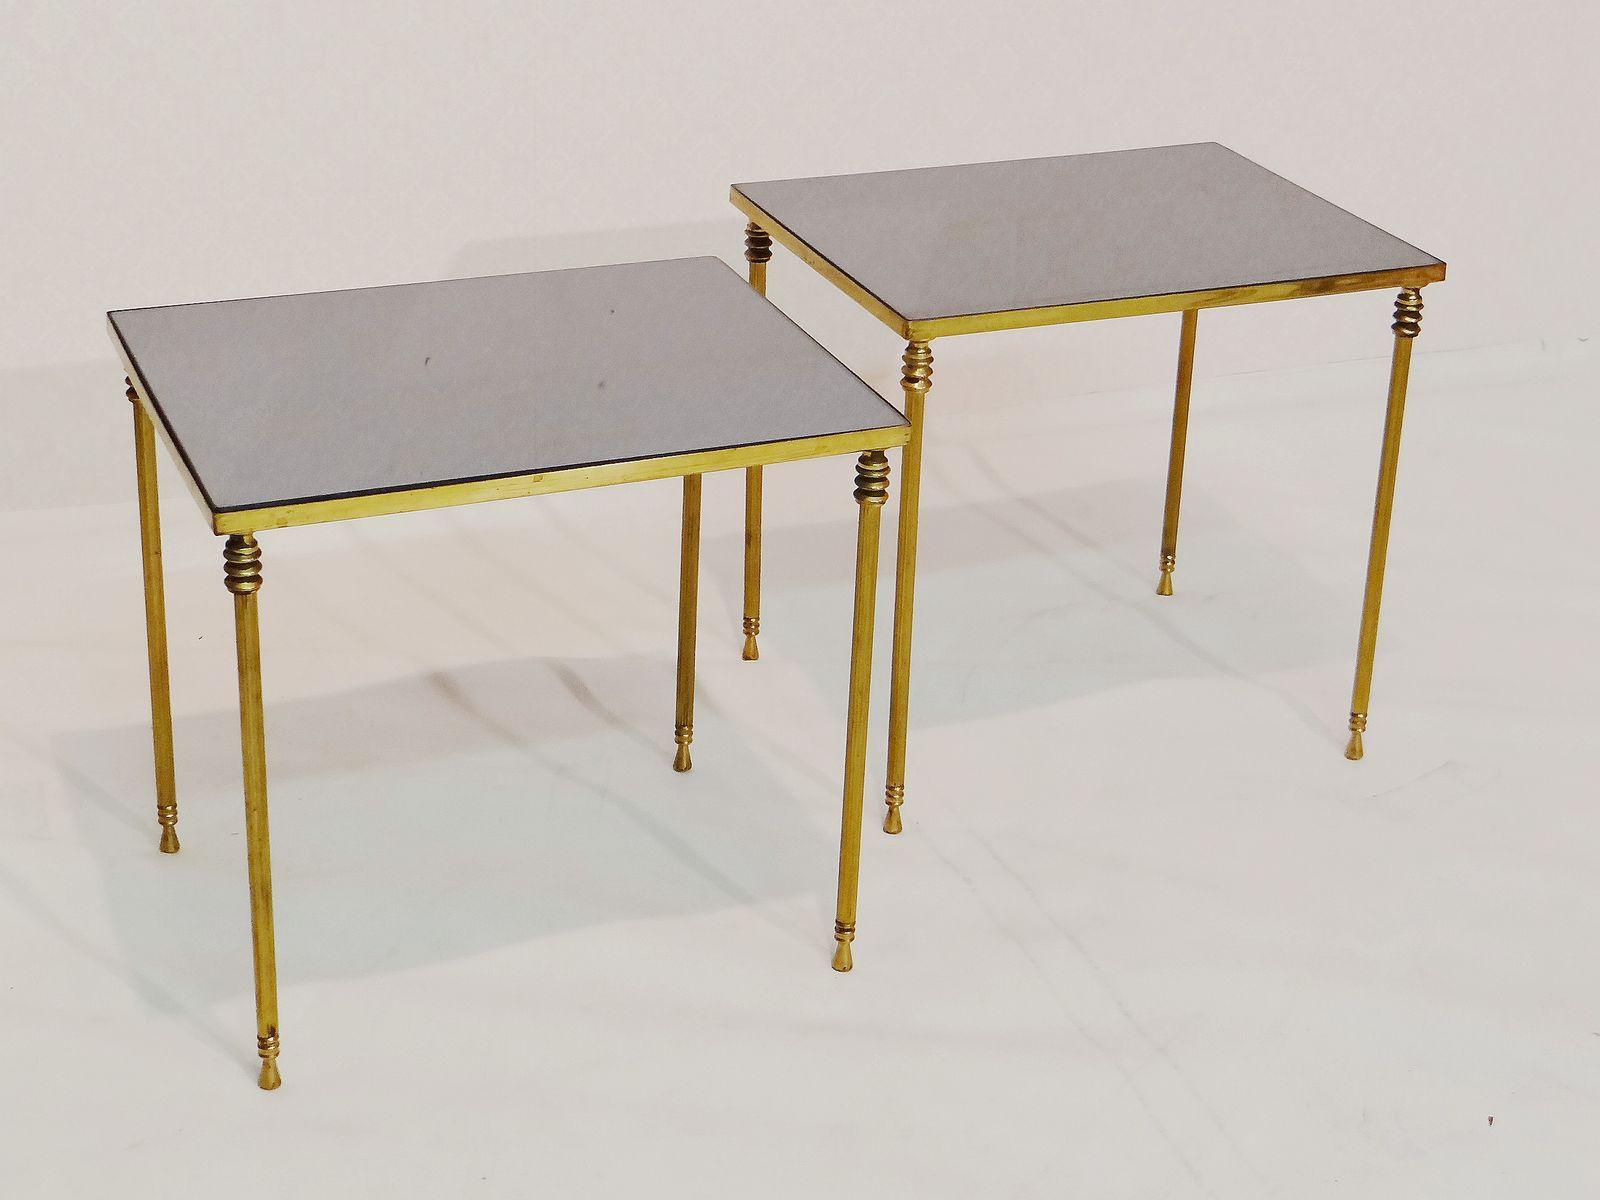 tables d 39 appoint vintage par maison jansen set de 2 en vente sur pamono. Black Bedroom Furniture Sets. Home Design Ideas